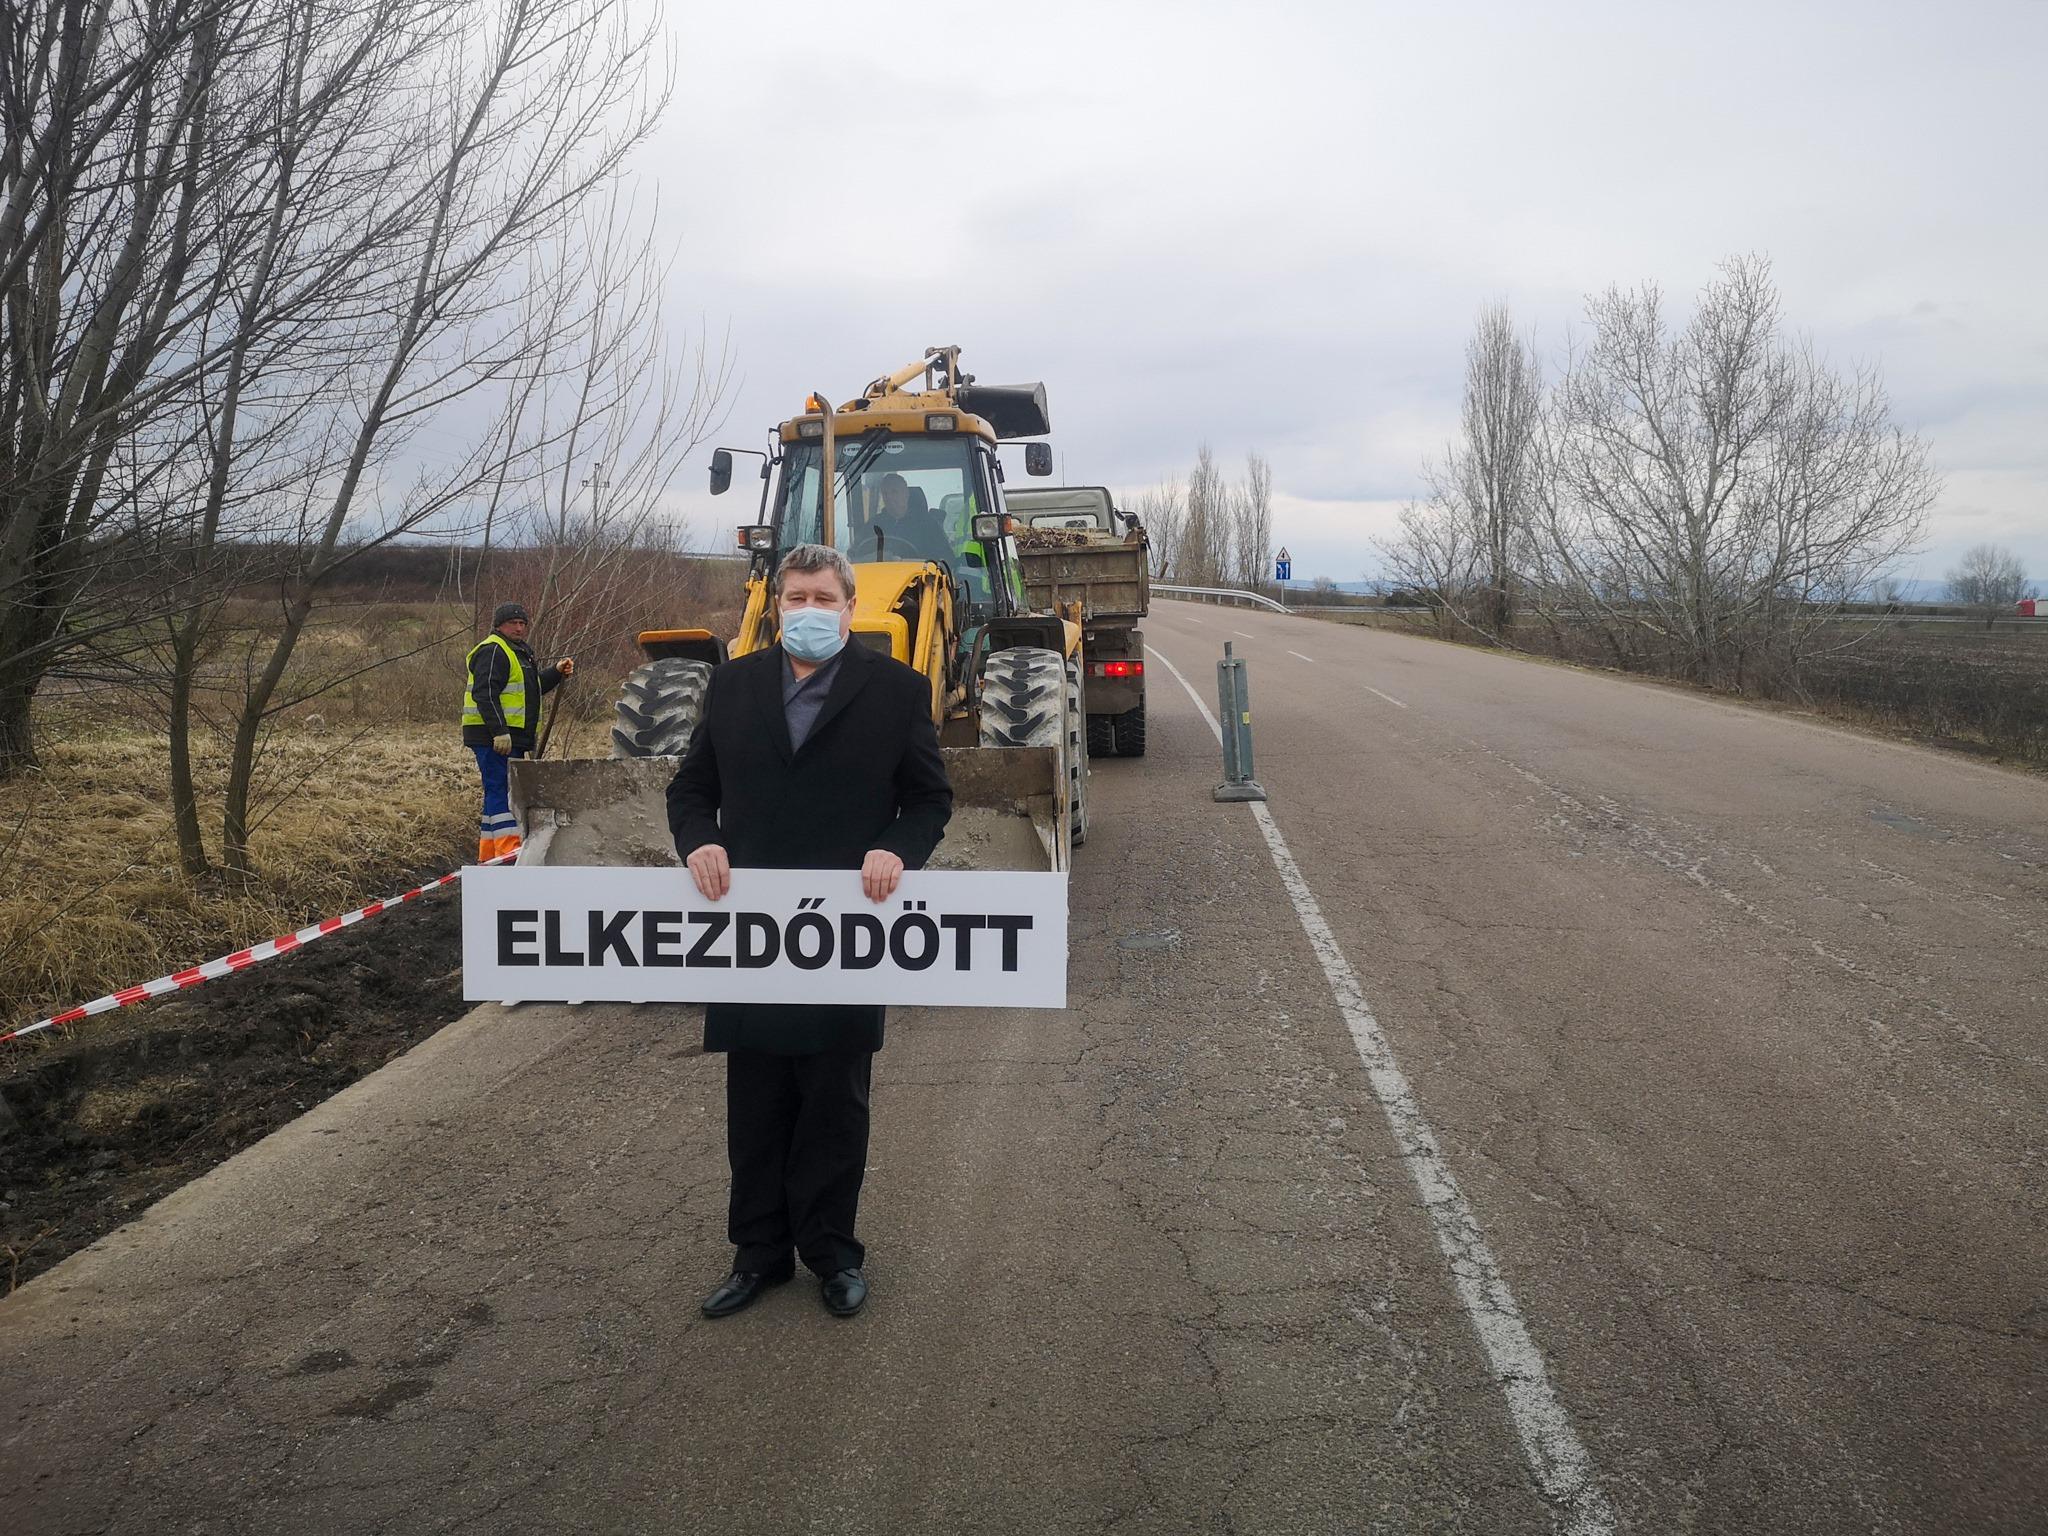 Tállai András úgy látja, a magyar kormány nagyon jól megvédi a gazdaságot a járványtól